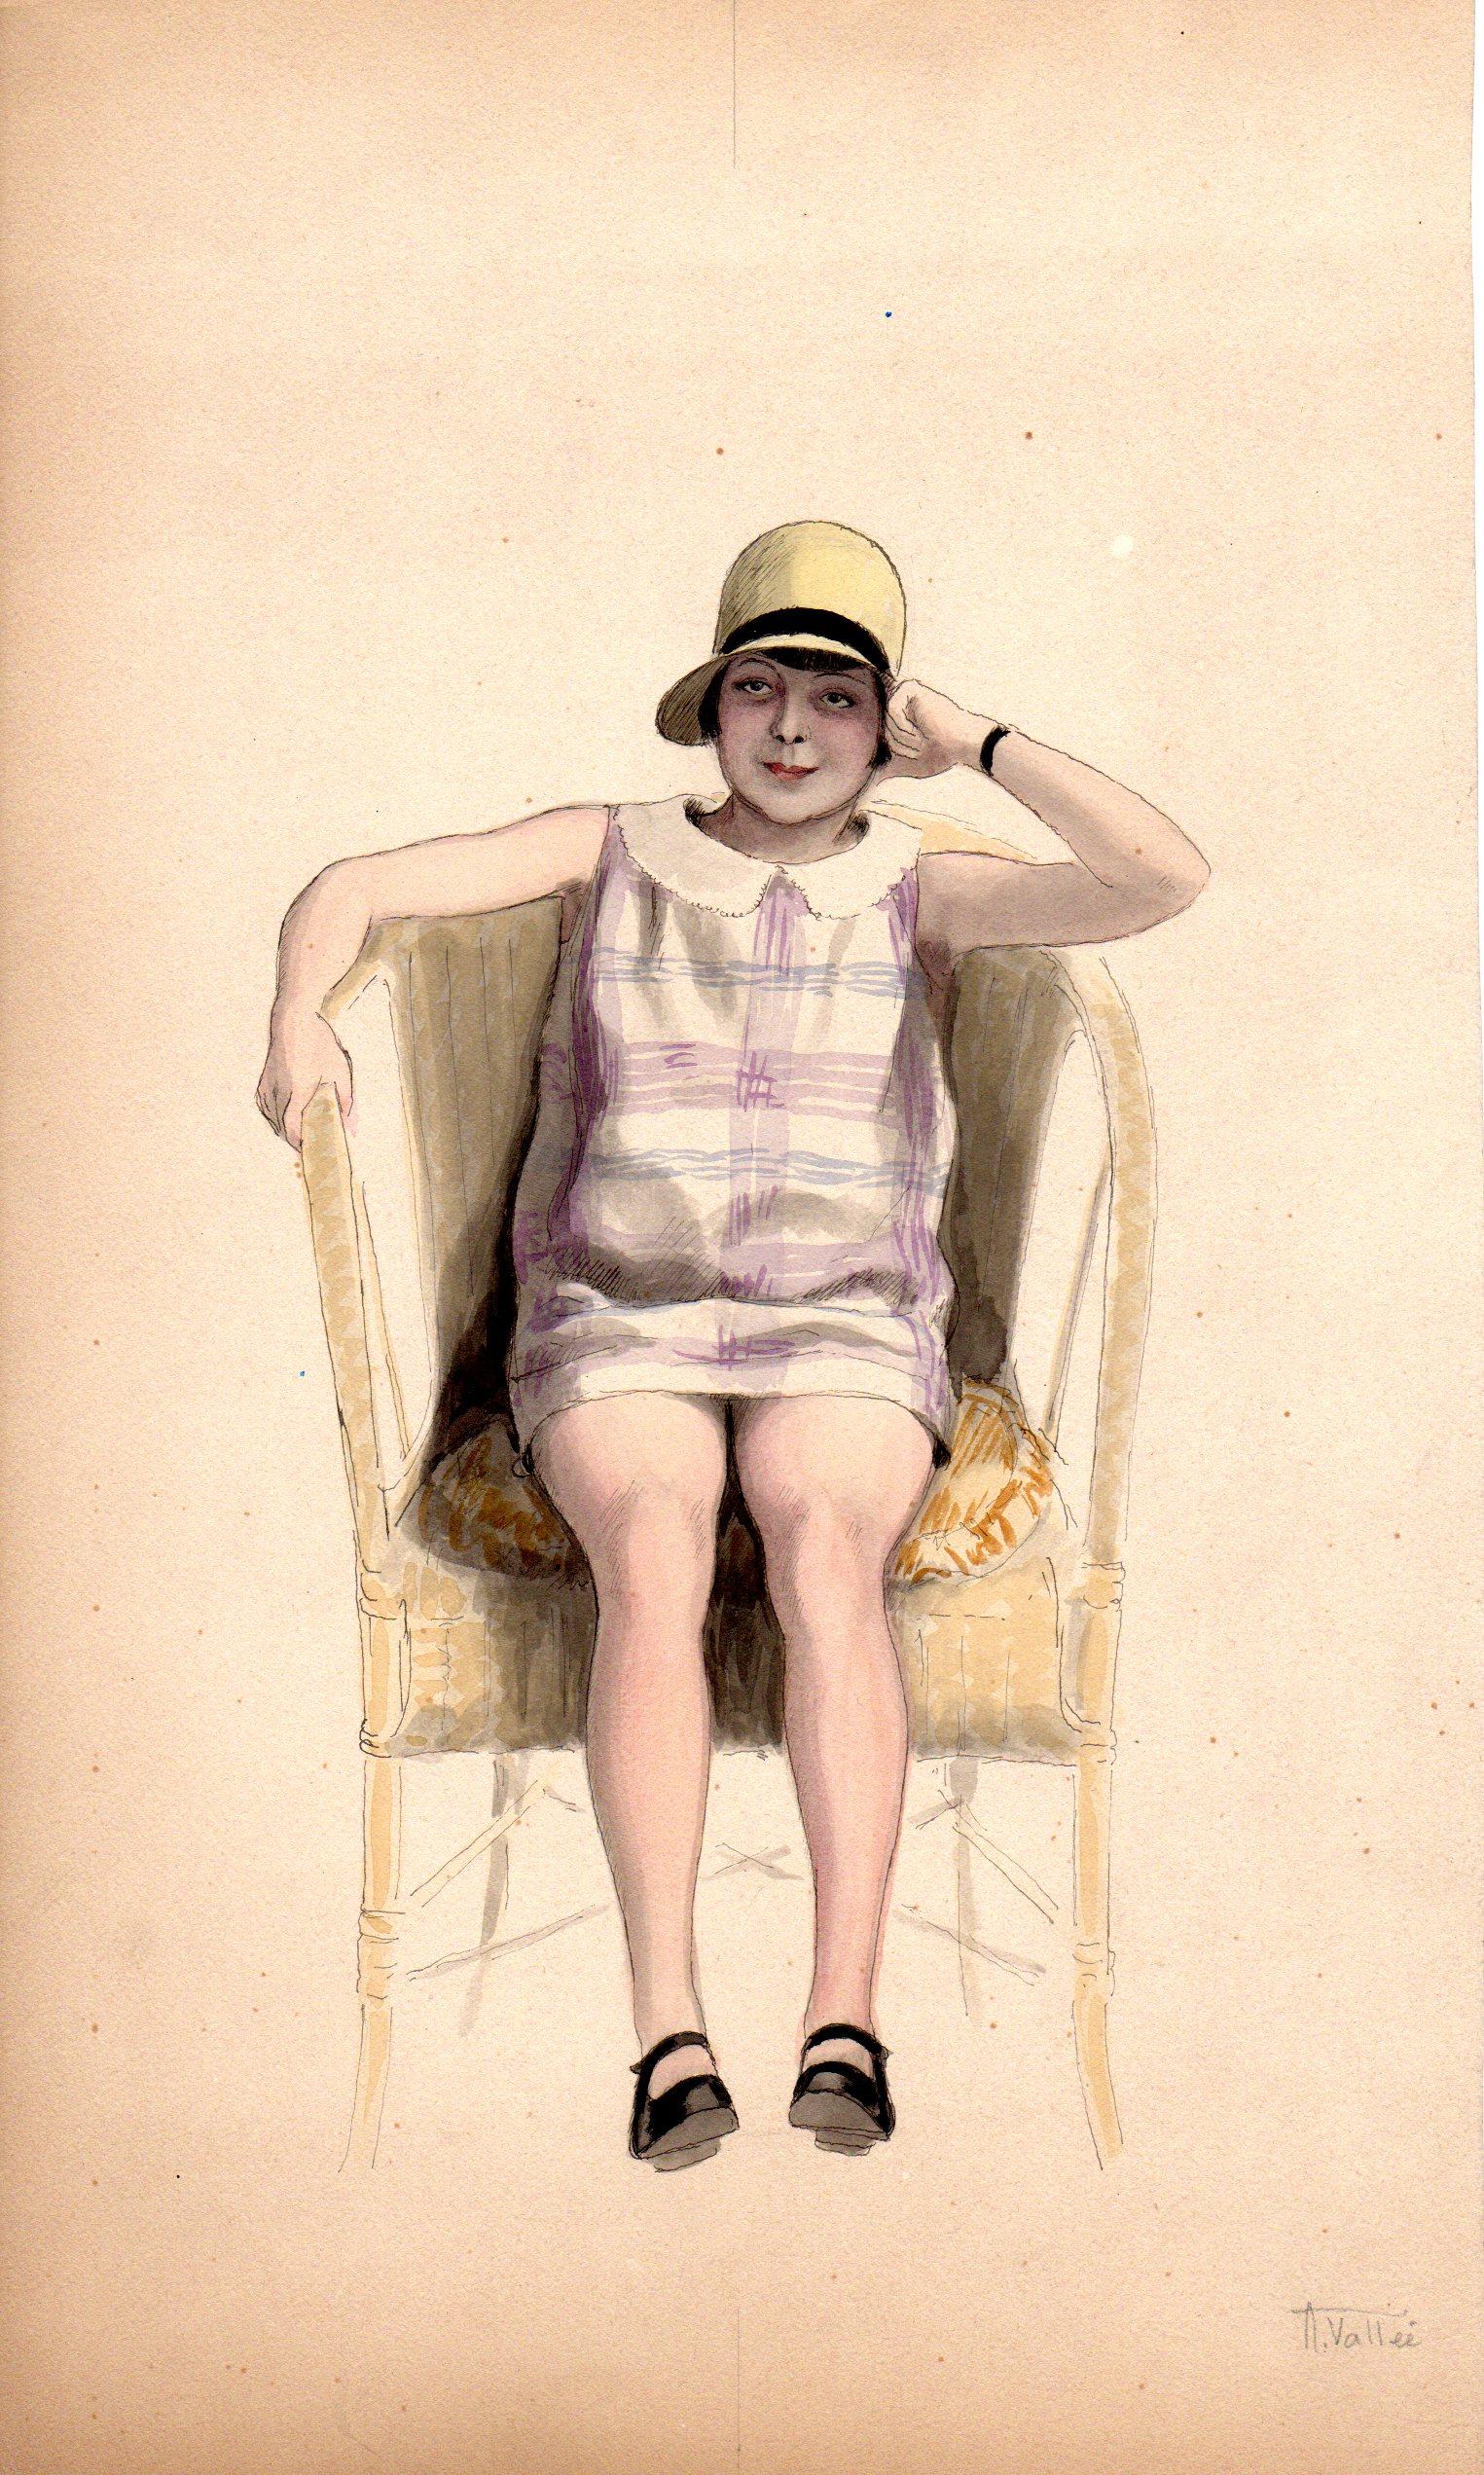 Jeune Fille | La jeune fille | Armand Vallée